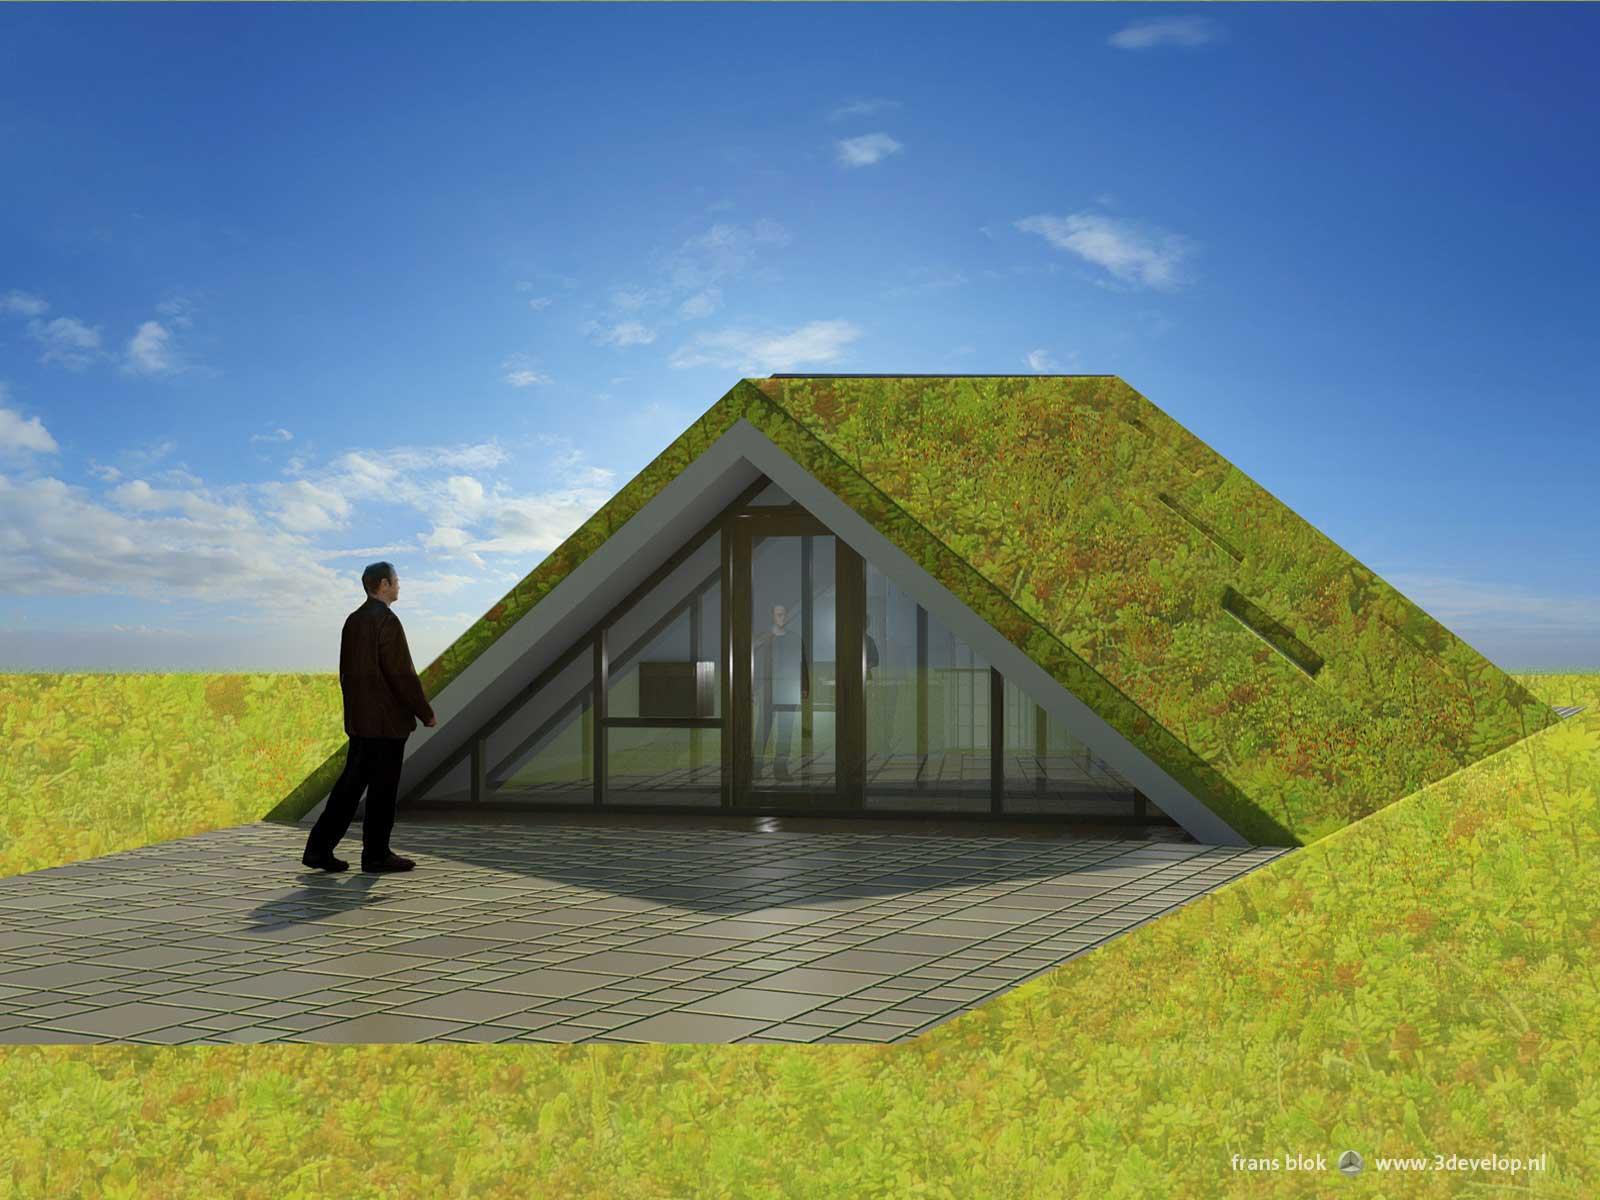 Vooraanzicht van de Groene Piramide in Borne, een radicaal duurzame woning: een bescheiden entree waarachter een verrassend grote woning schuilgaat